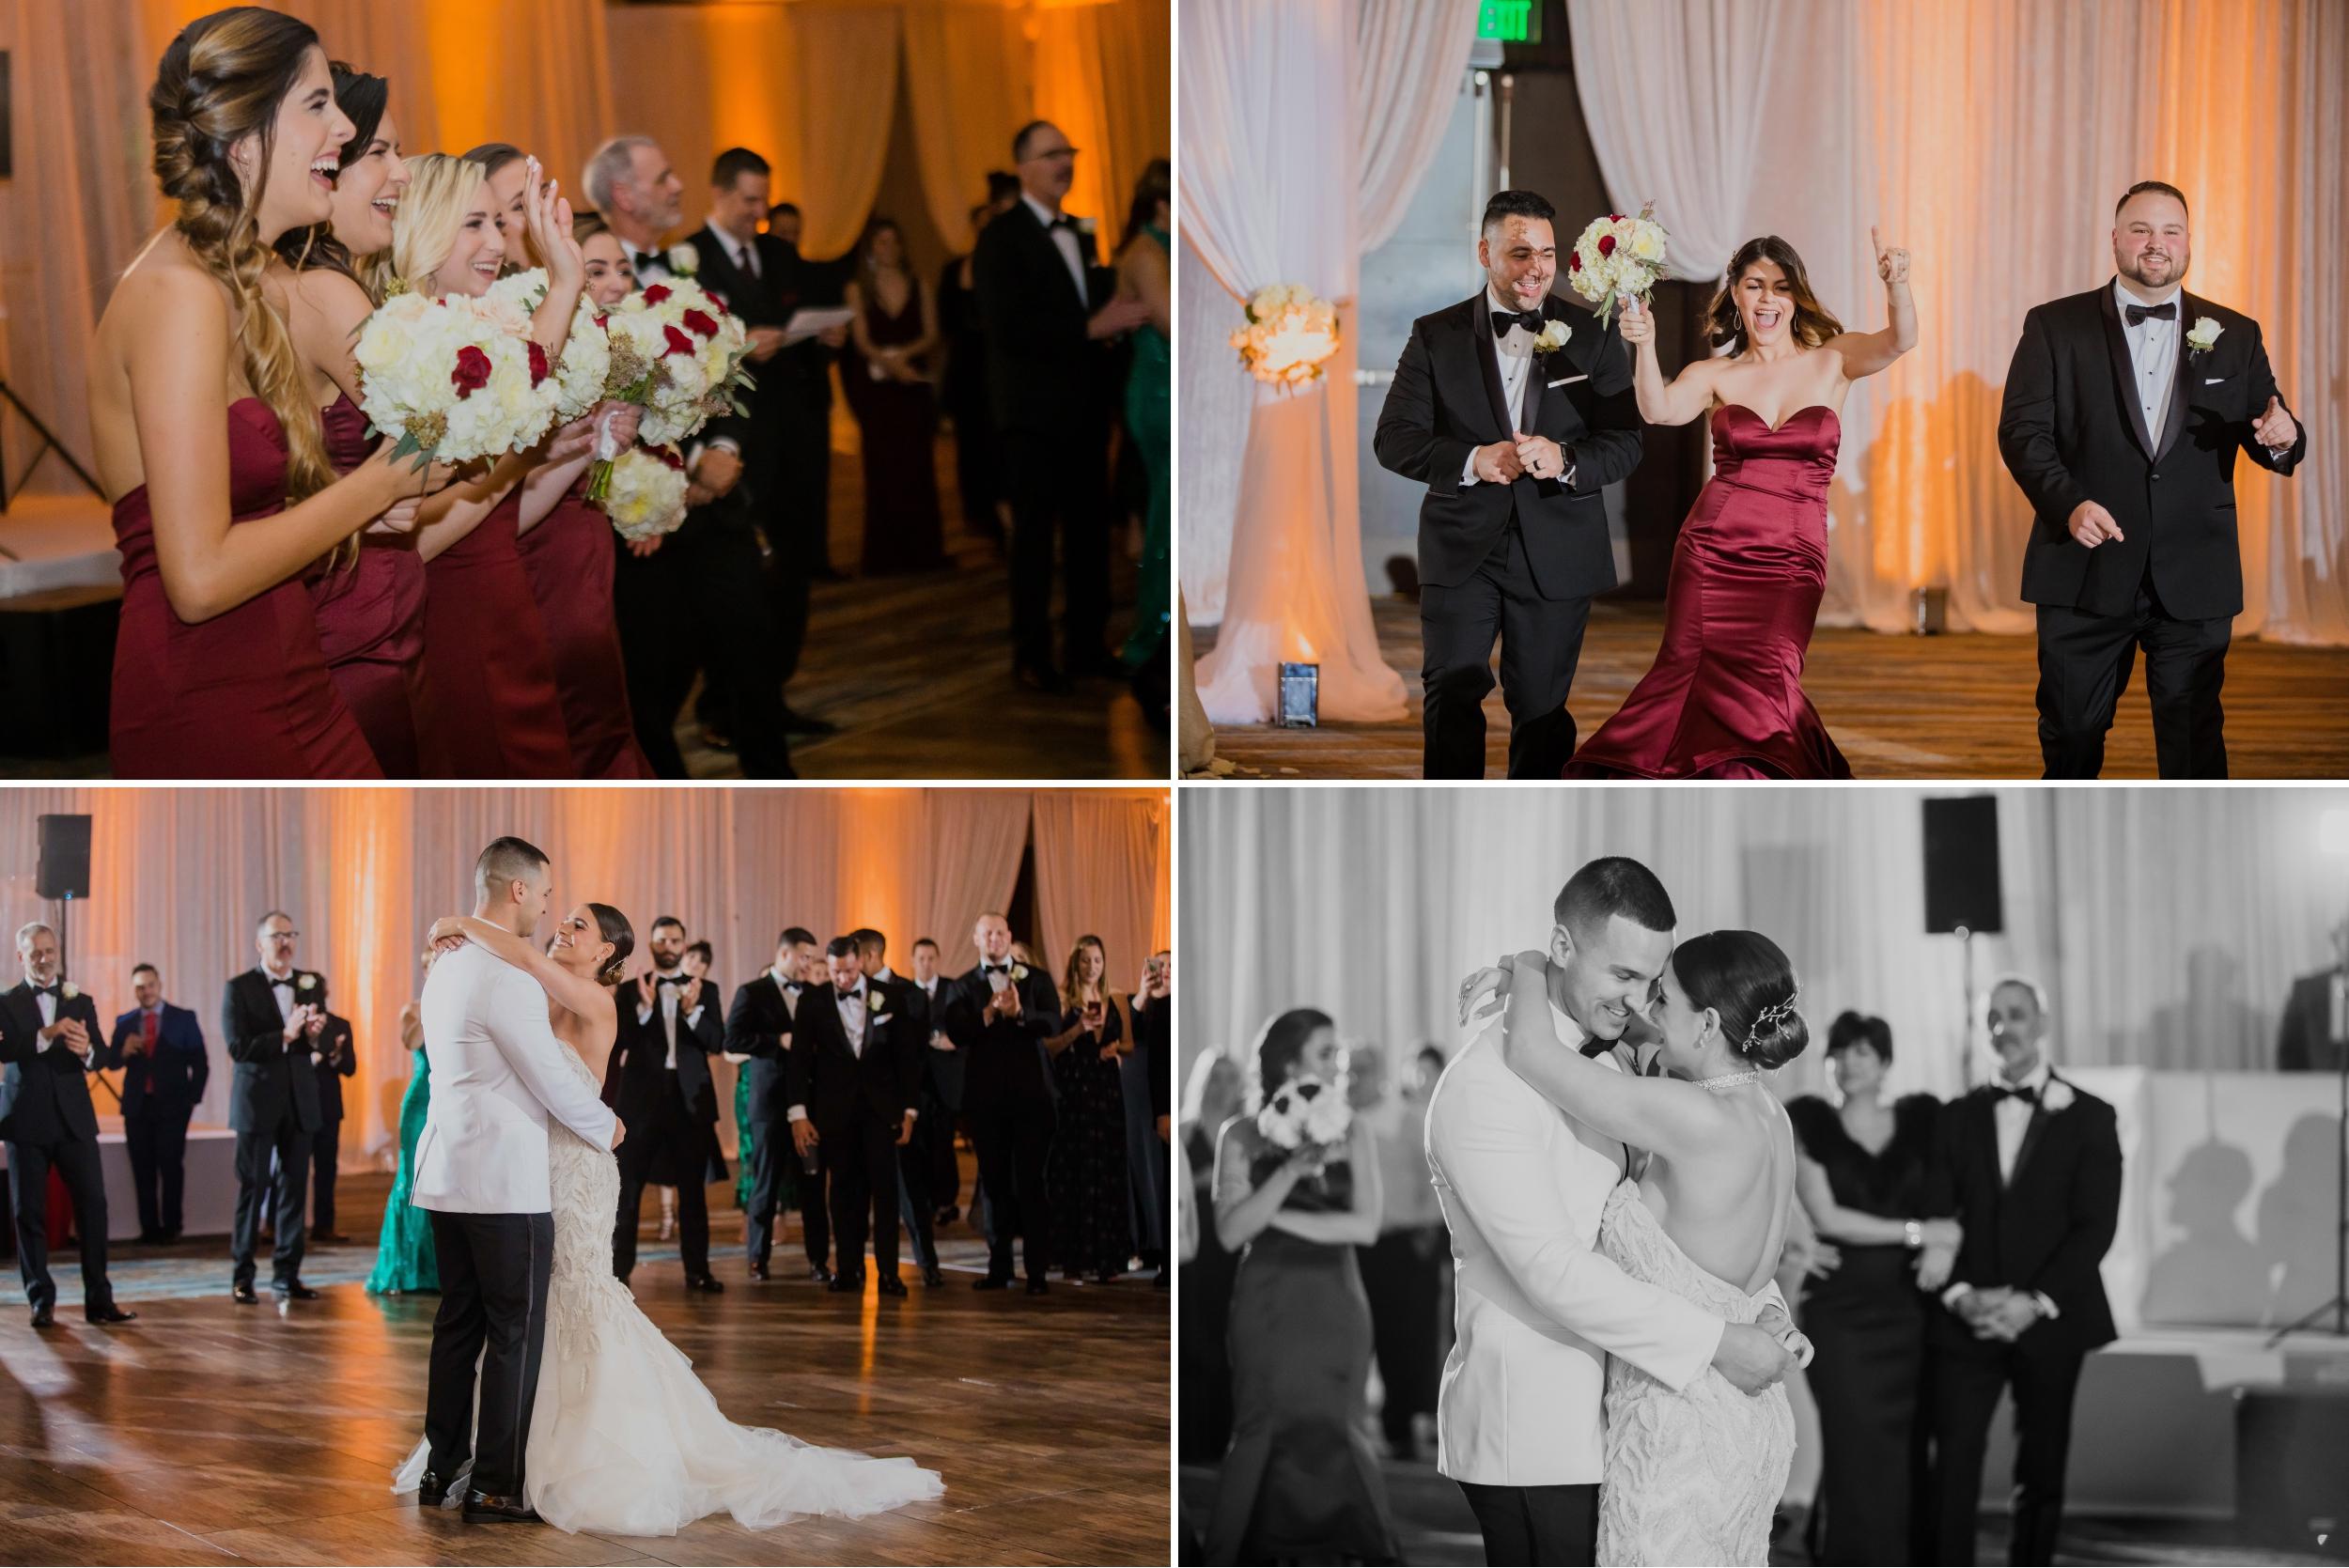 Wedding Biscayne Bay Marriott - Cassie and Jose 14.jpg